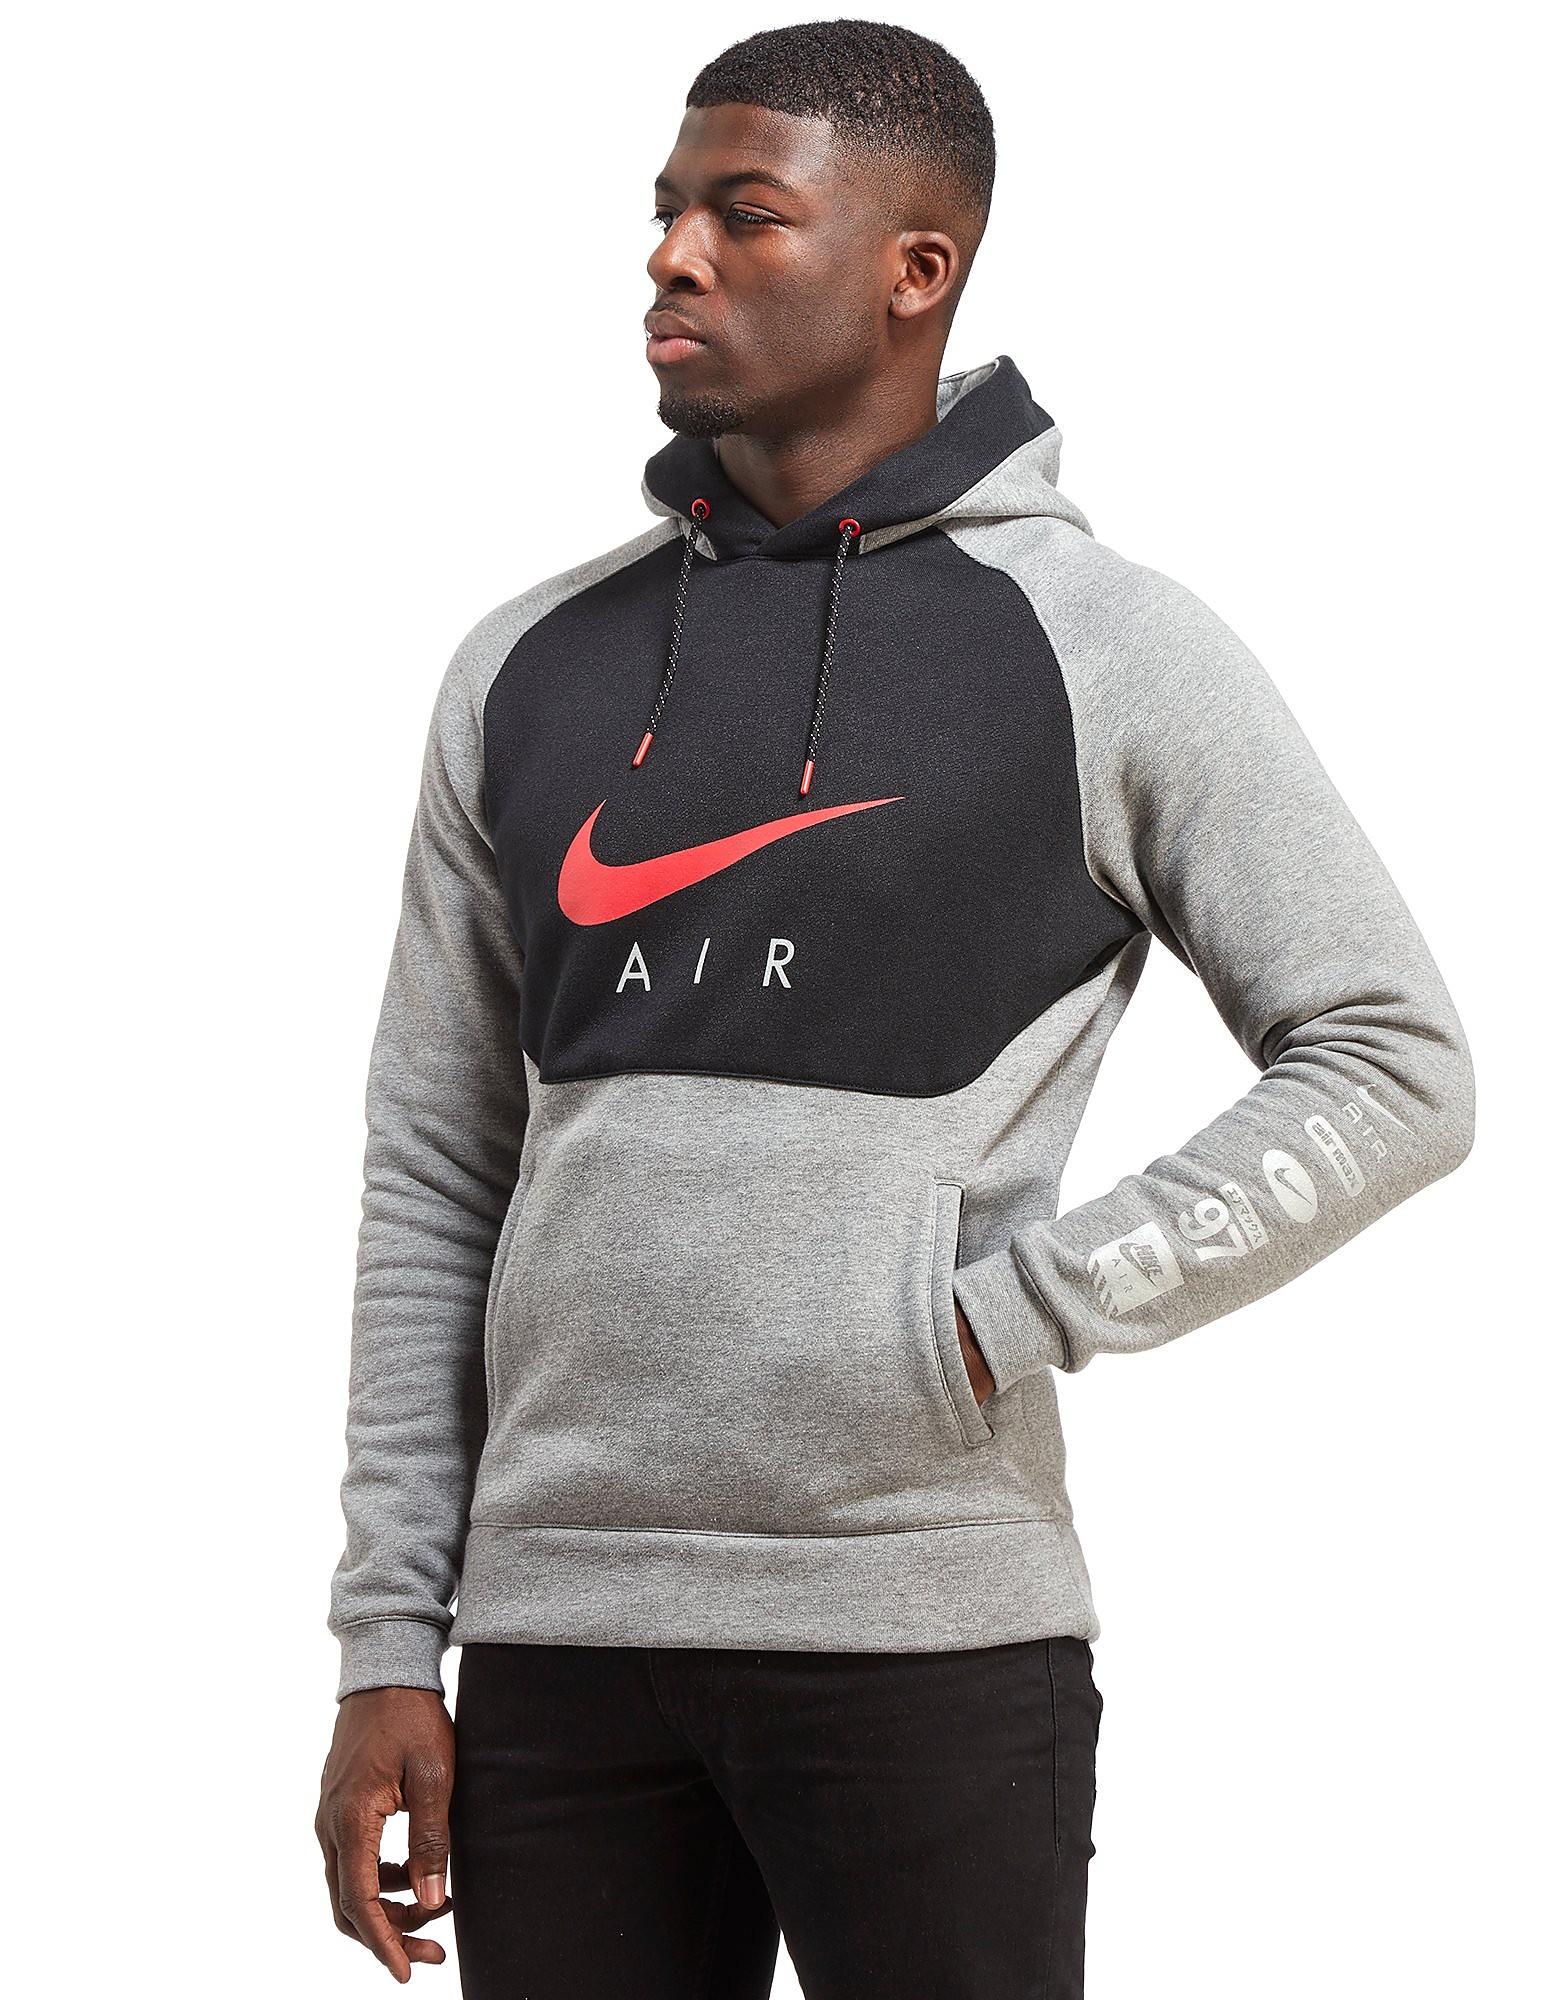 Nike Air Hybrid Hoody